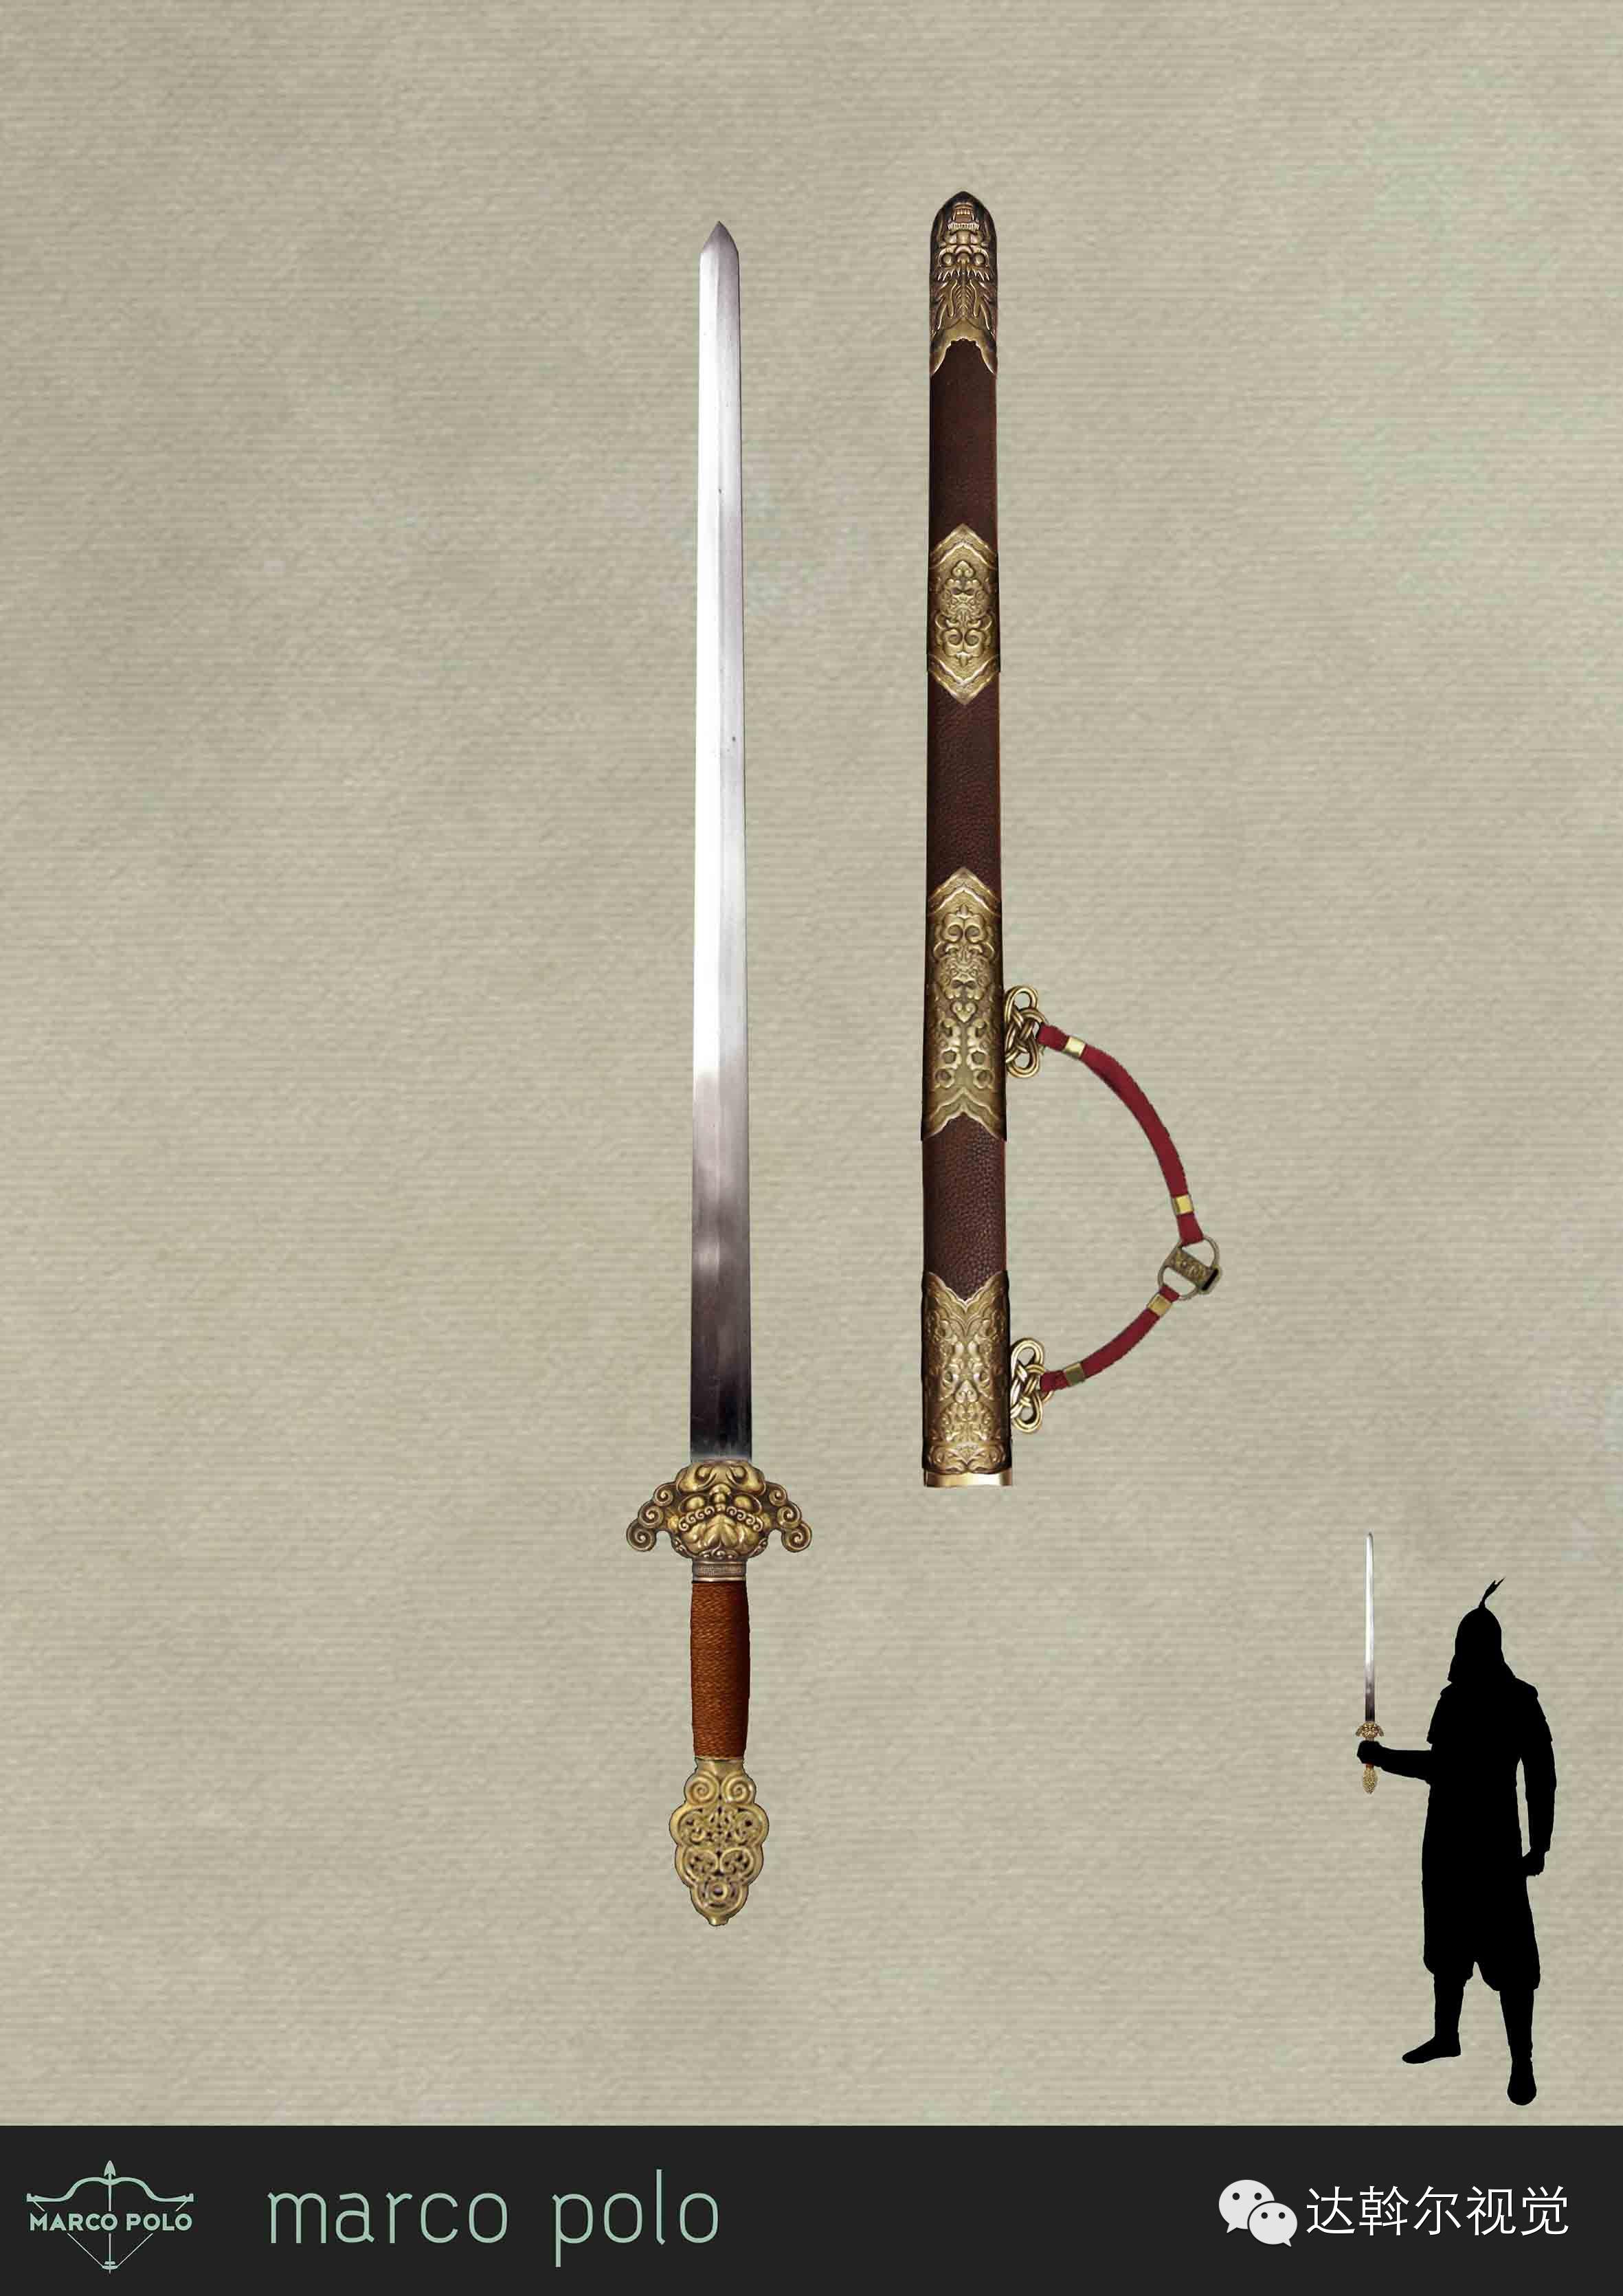 蒙古题材美剧《马可波罗》兵器设计欣赏 第13张